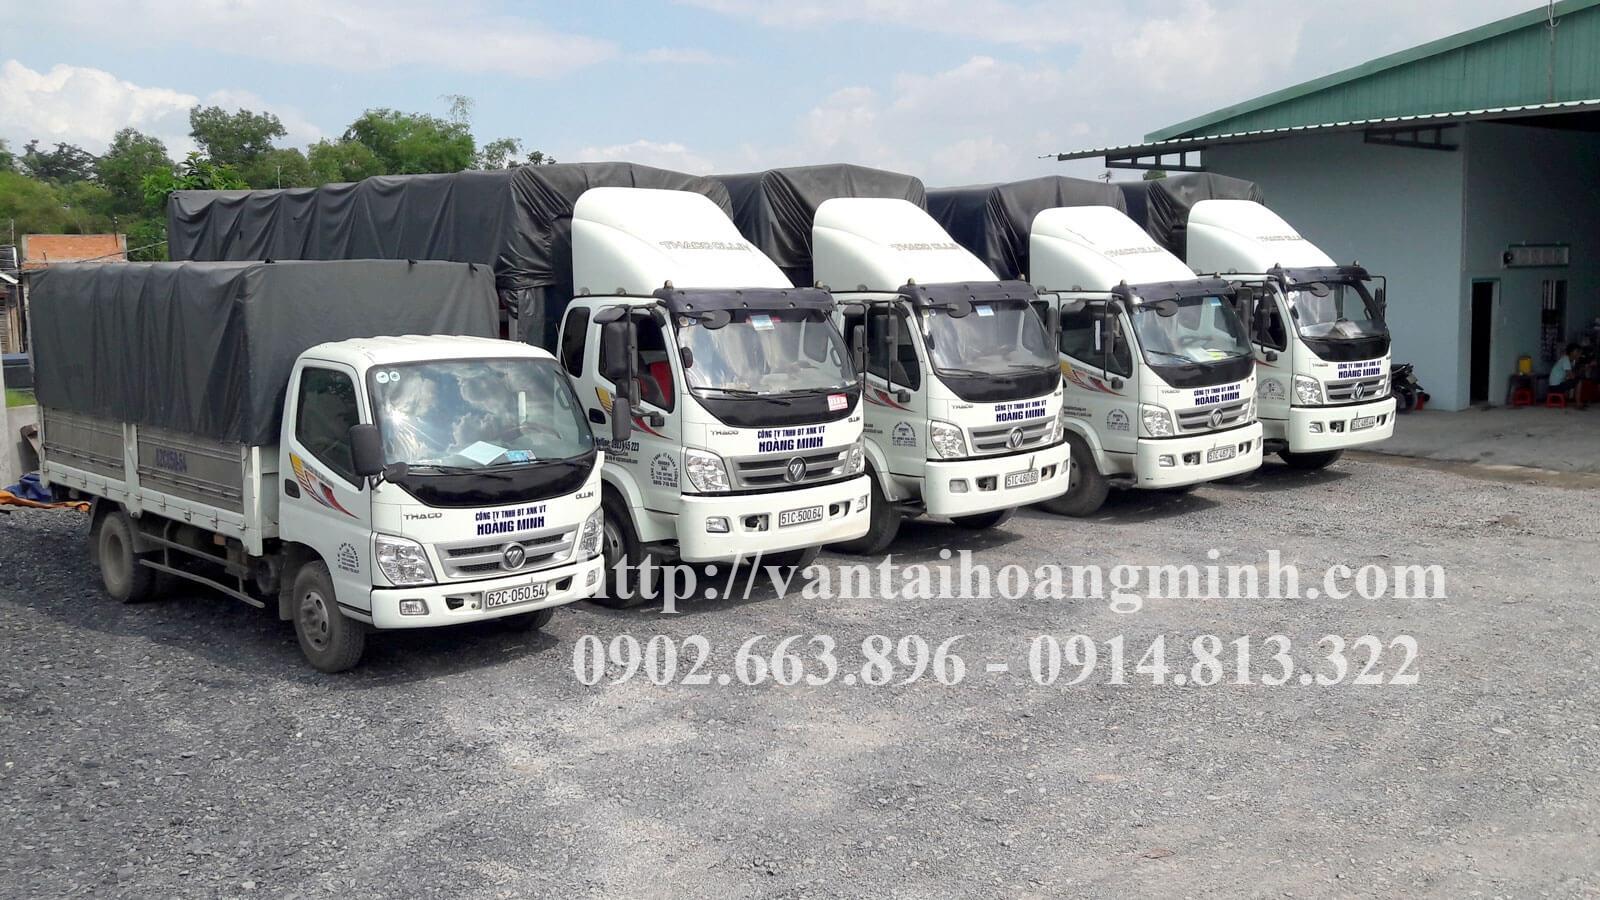 VTHM cho thuê xe tải quận 3 uy tín